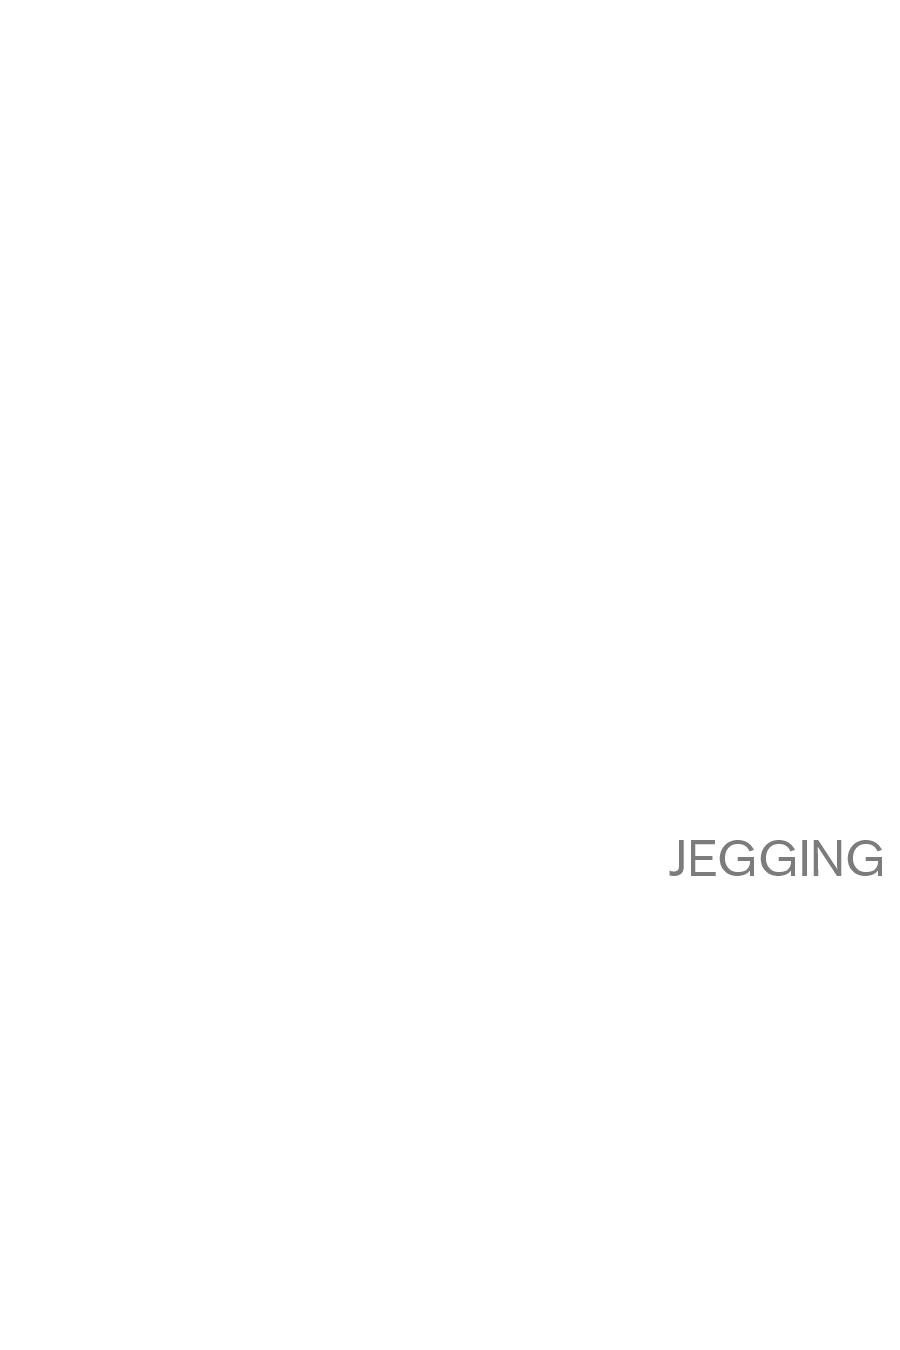 jegging